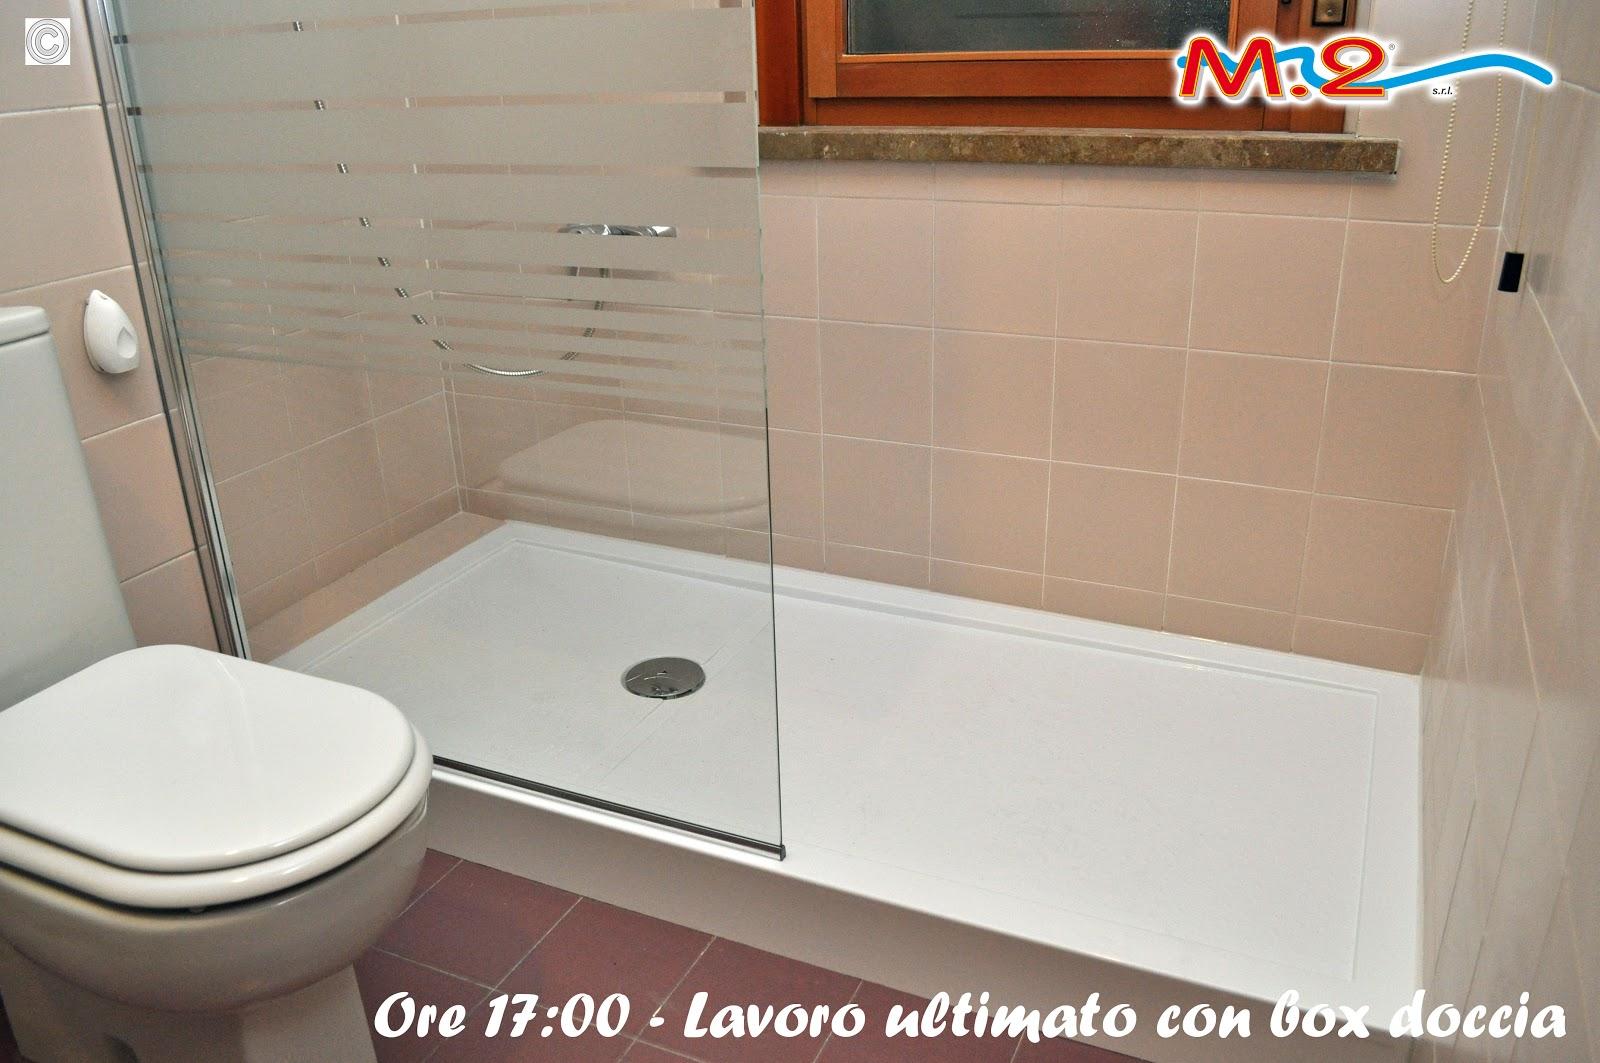 M 2 trasformazione vasca in doccia e sistema vasca nella vasca sostituzione vasca da bagno in - Rinnovare vasca da bagno ...